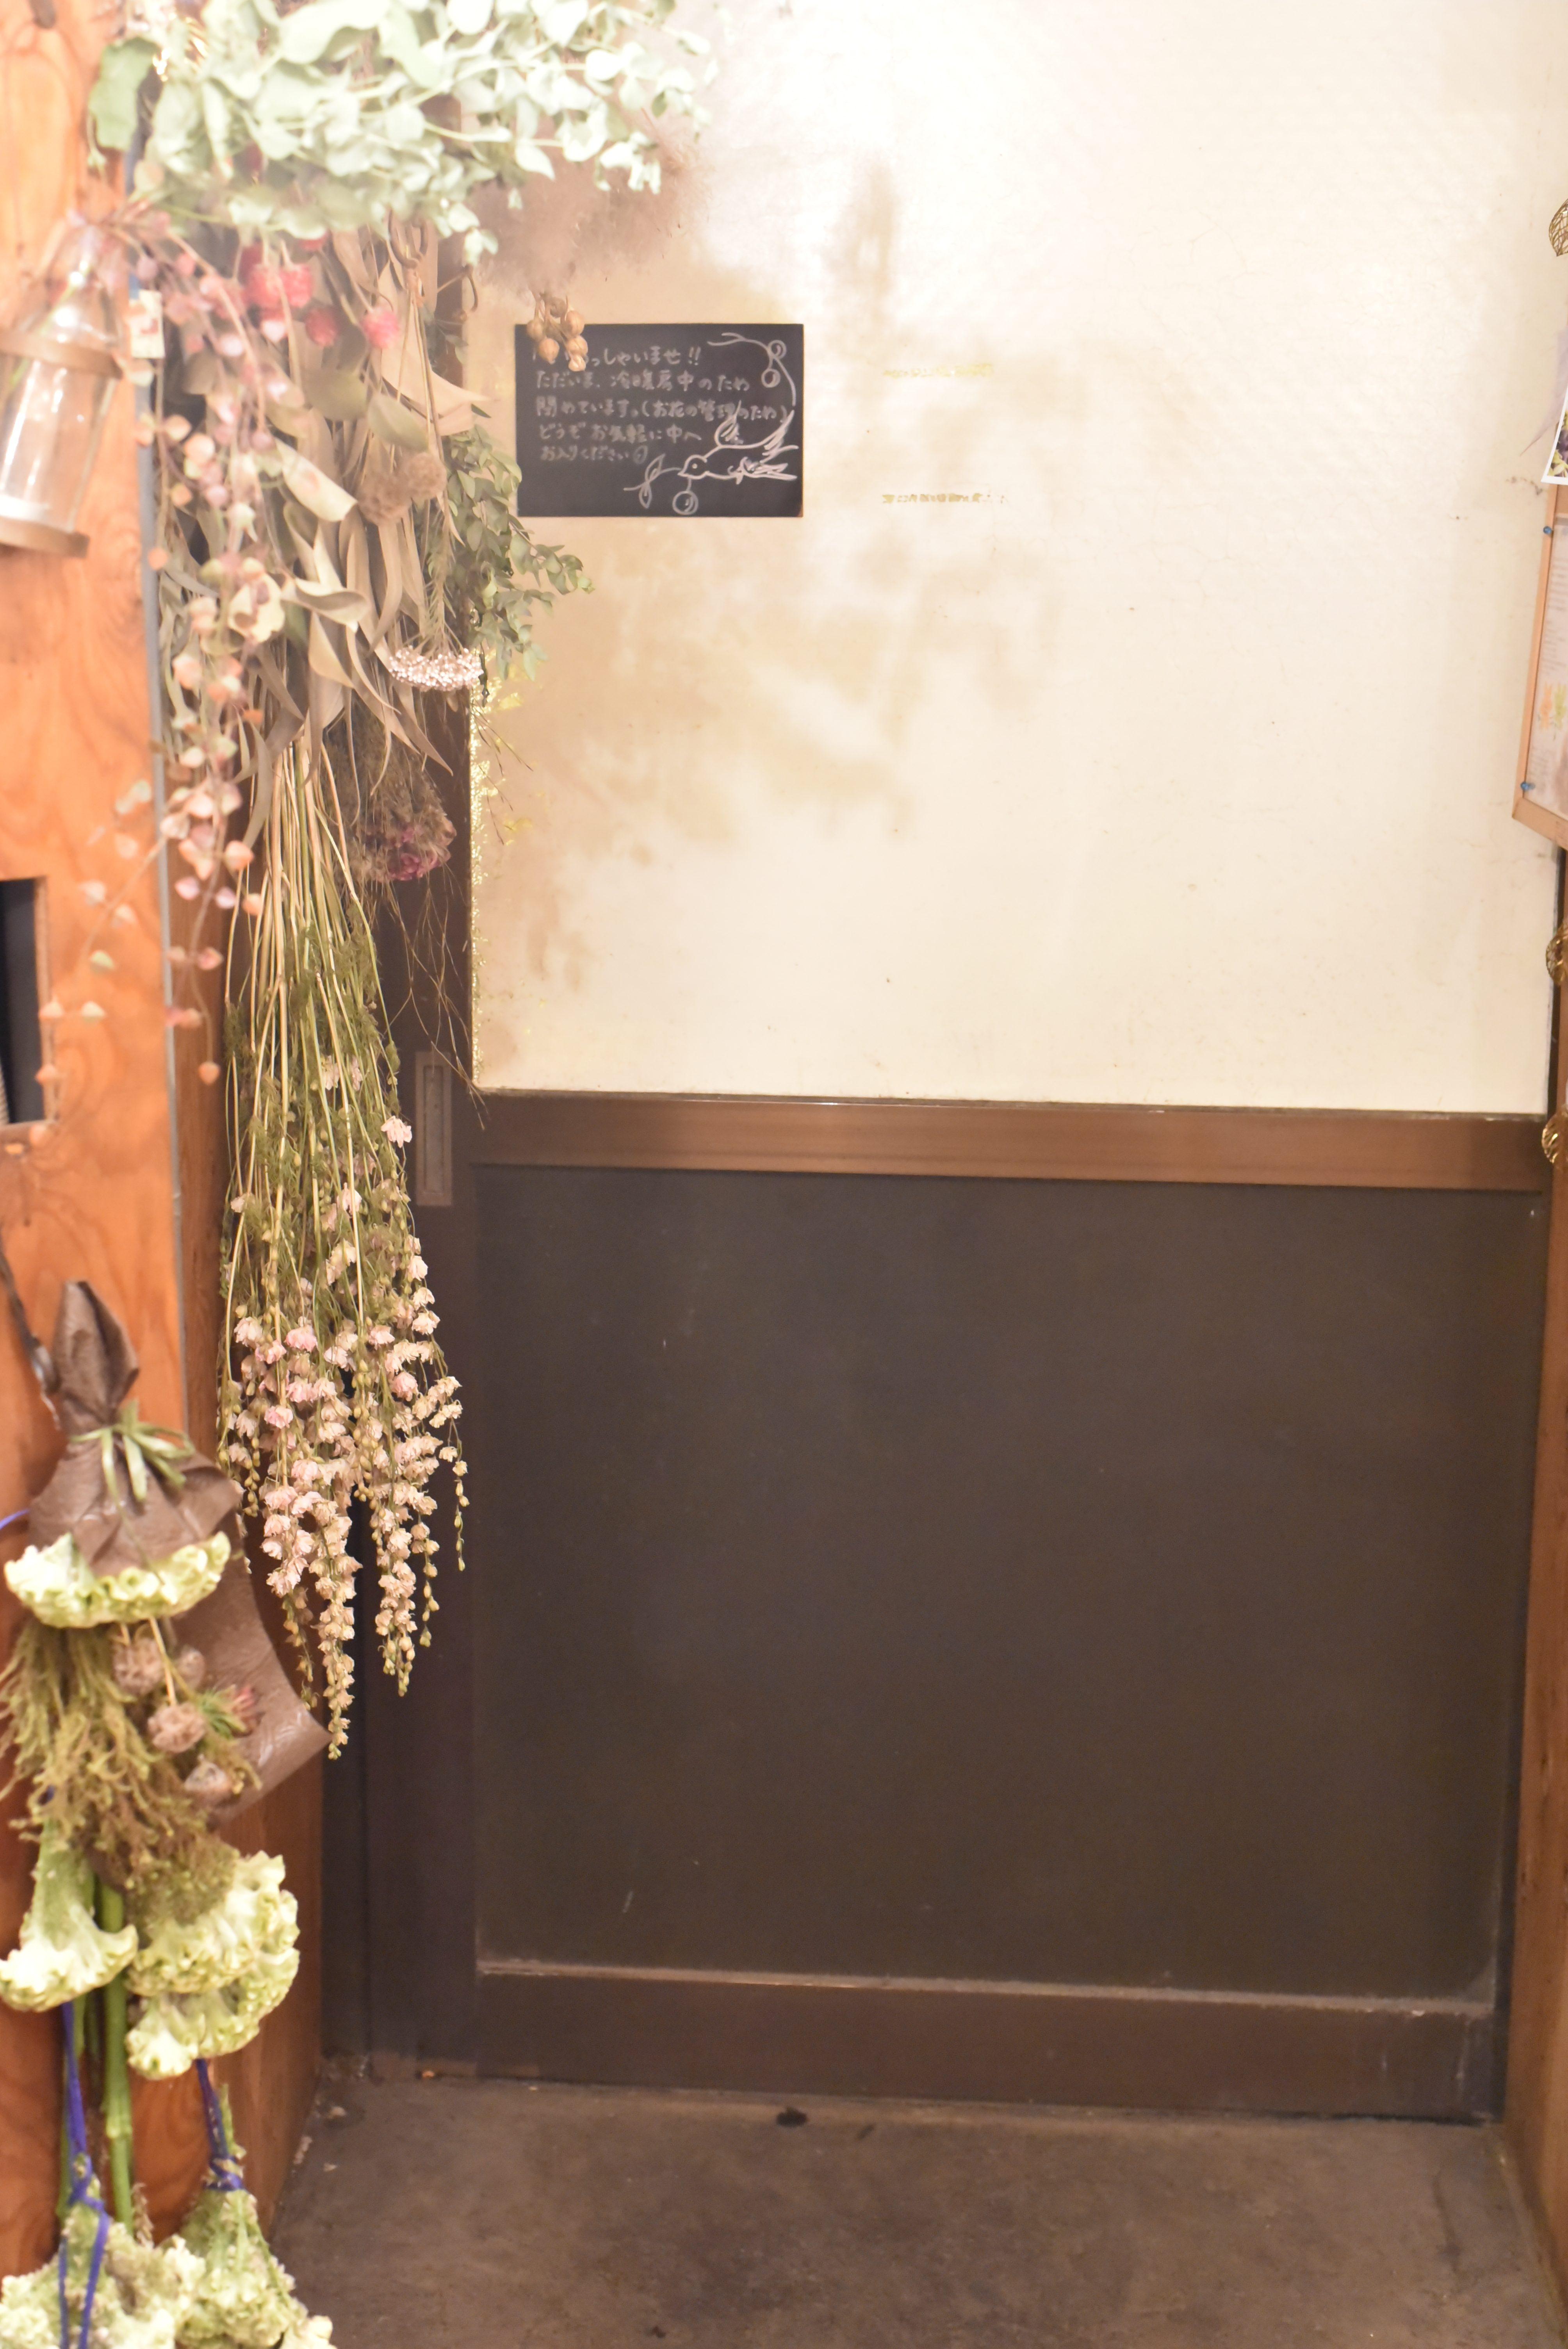 お店の中を大公開!3つの難関をくぐると、色鮮やかなお花に出会えます